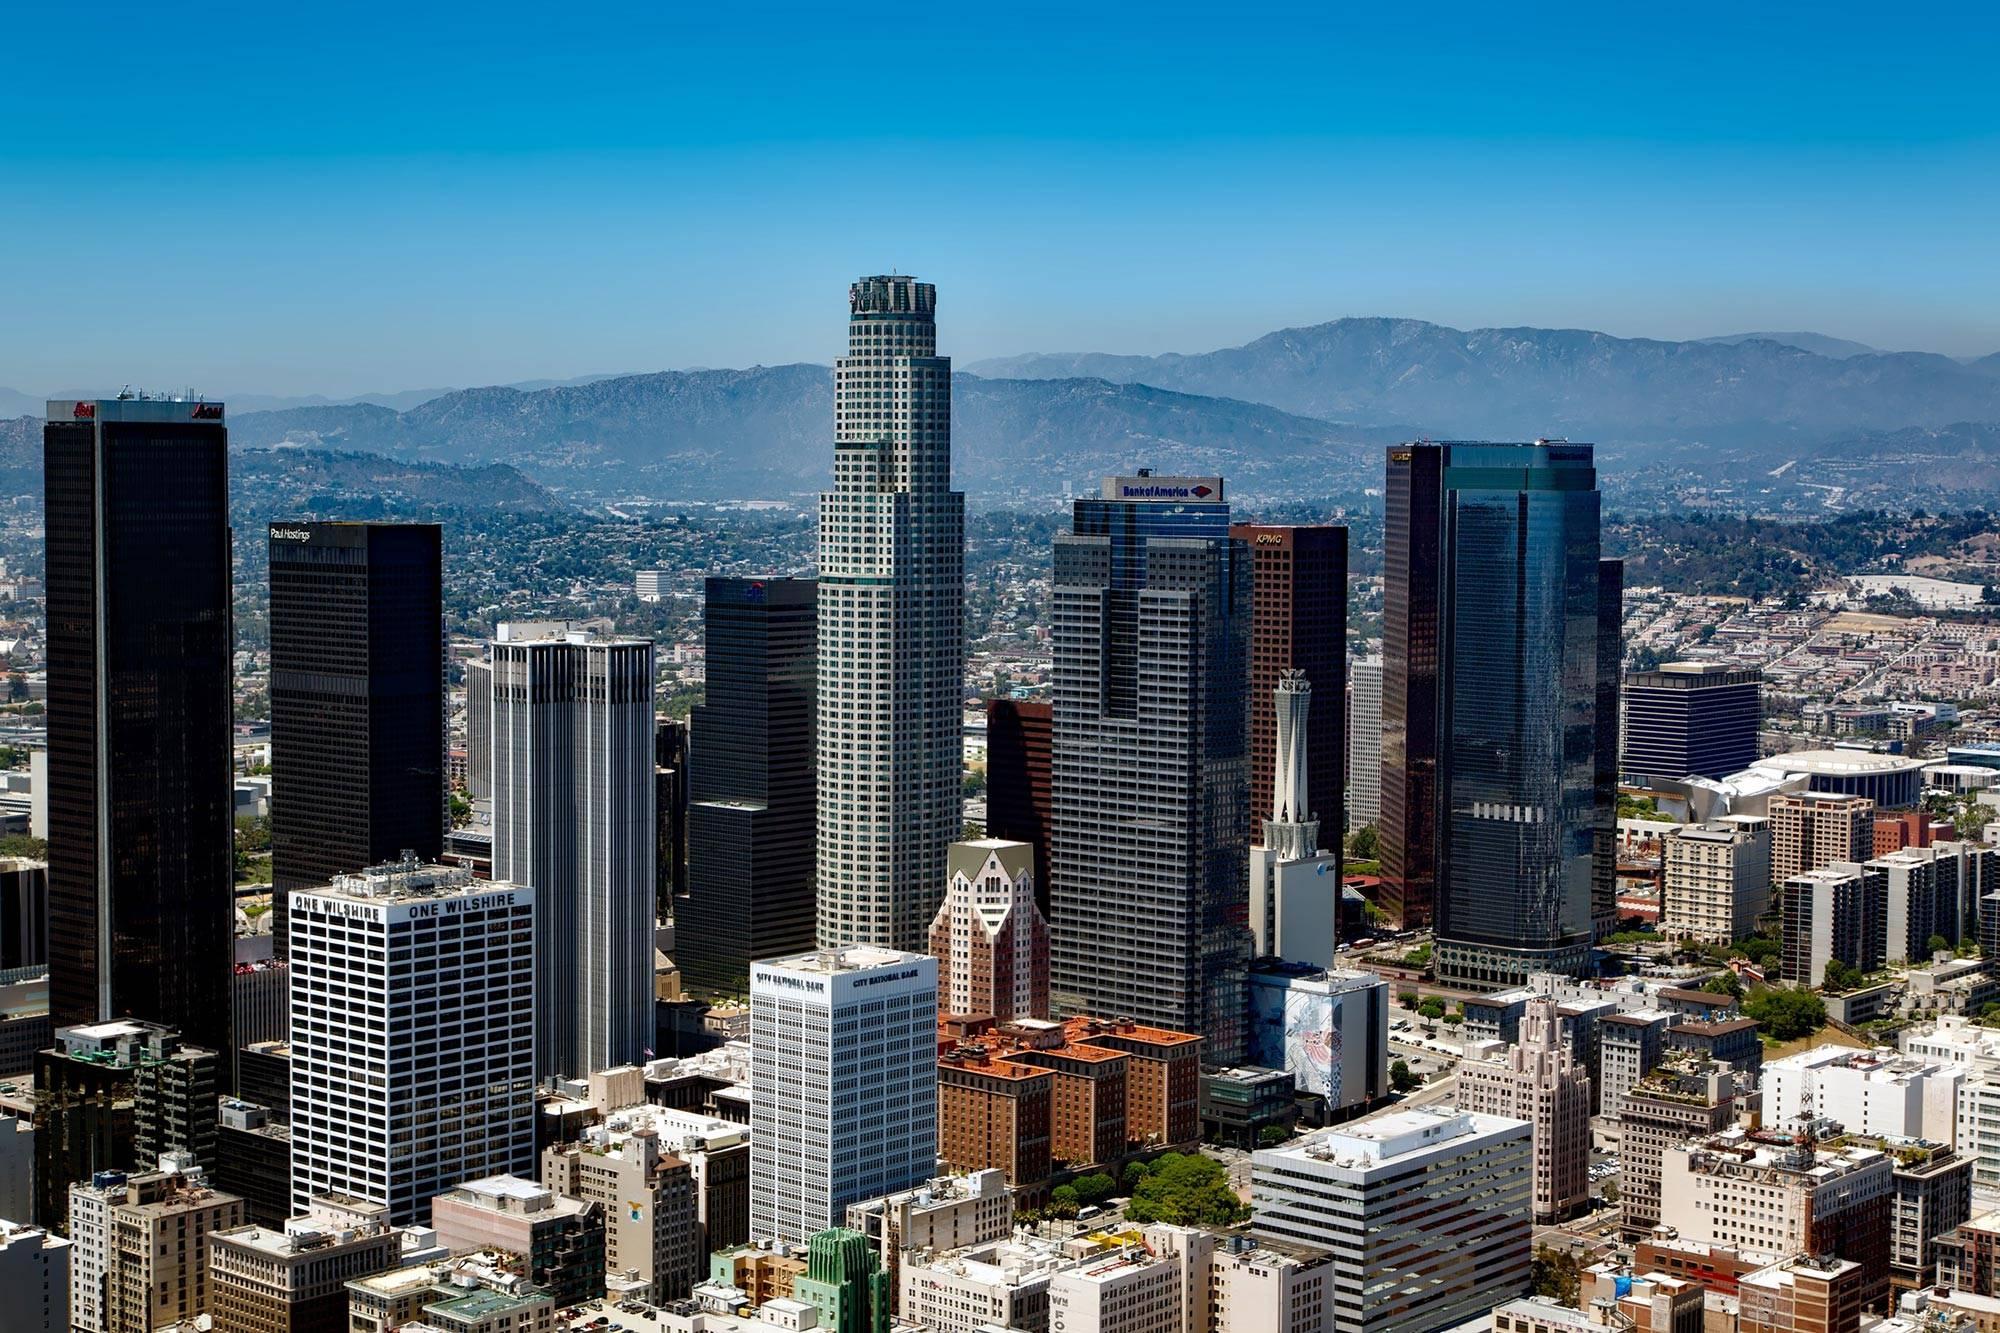 Районы лос-анджелеса: опасные, где поселиться - русскоязычный висконсин. милуоки и мэдисон.